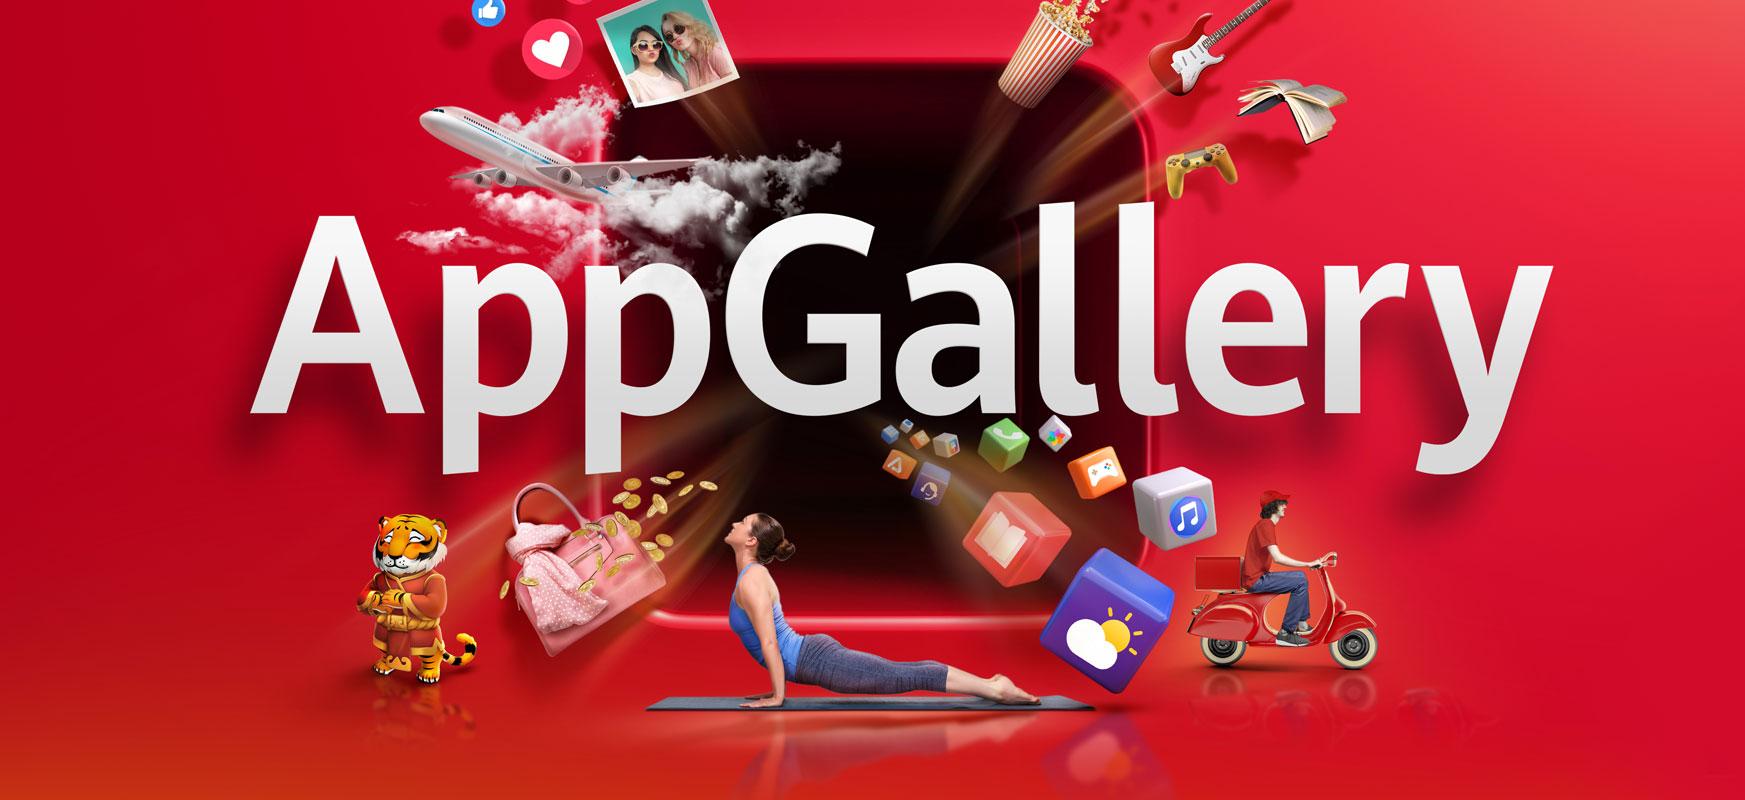 Erosketari dagokionez, smartphone batekin, eta, ahal izanez gero, smartphone batekin.  Huawei AppGallery-ren erosketa eskaerak egiaztatzen ditugu